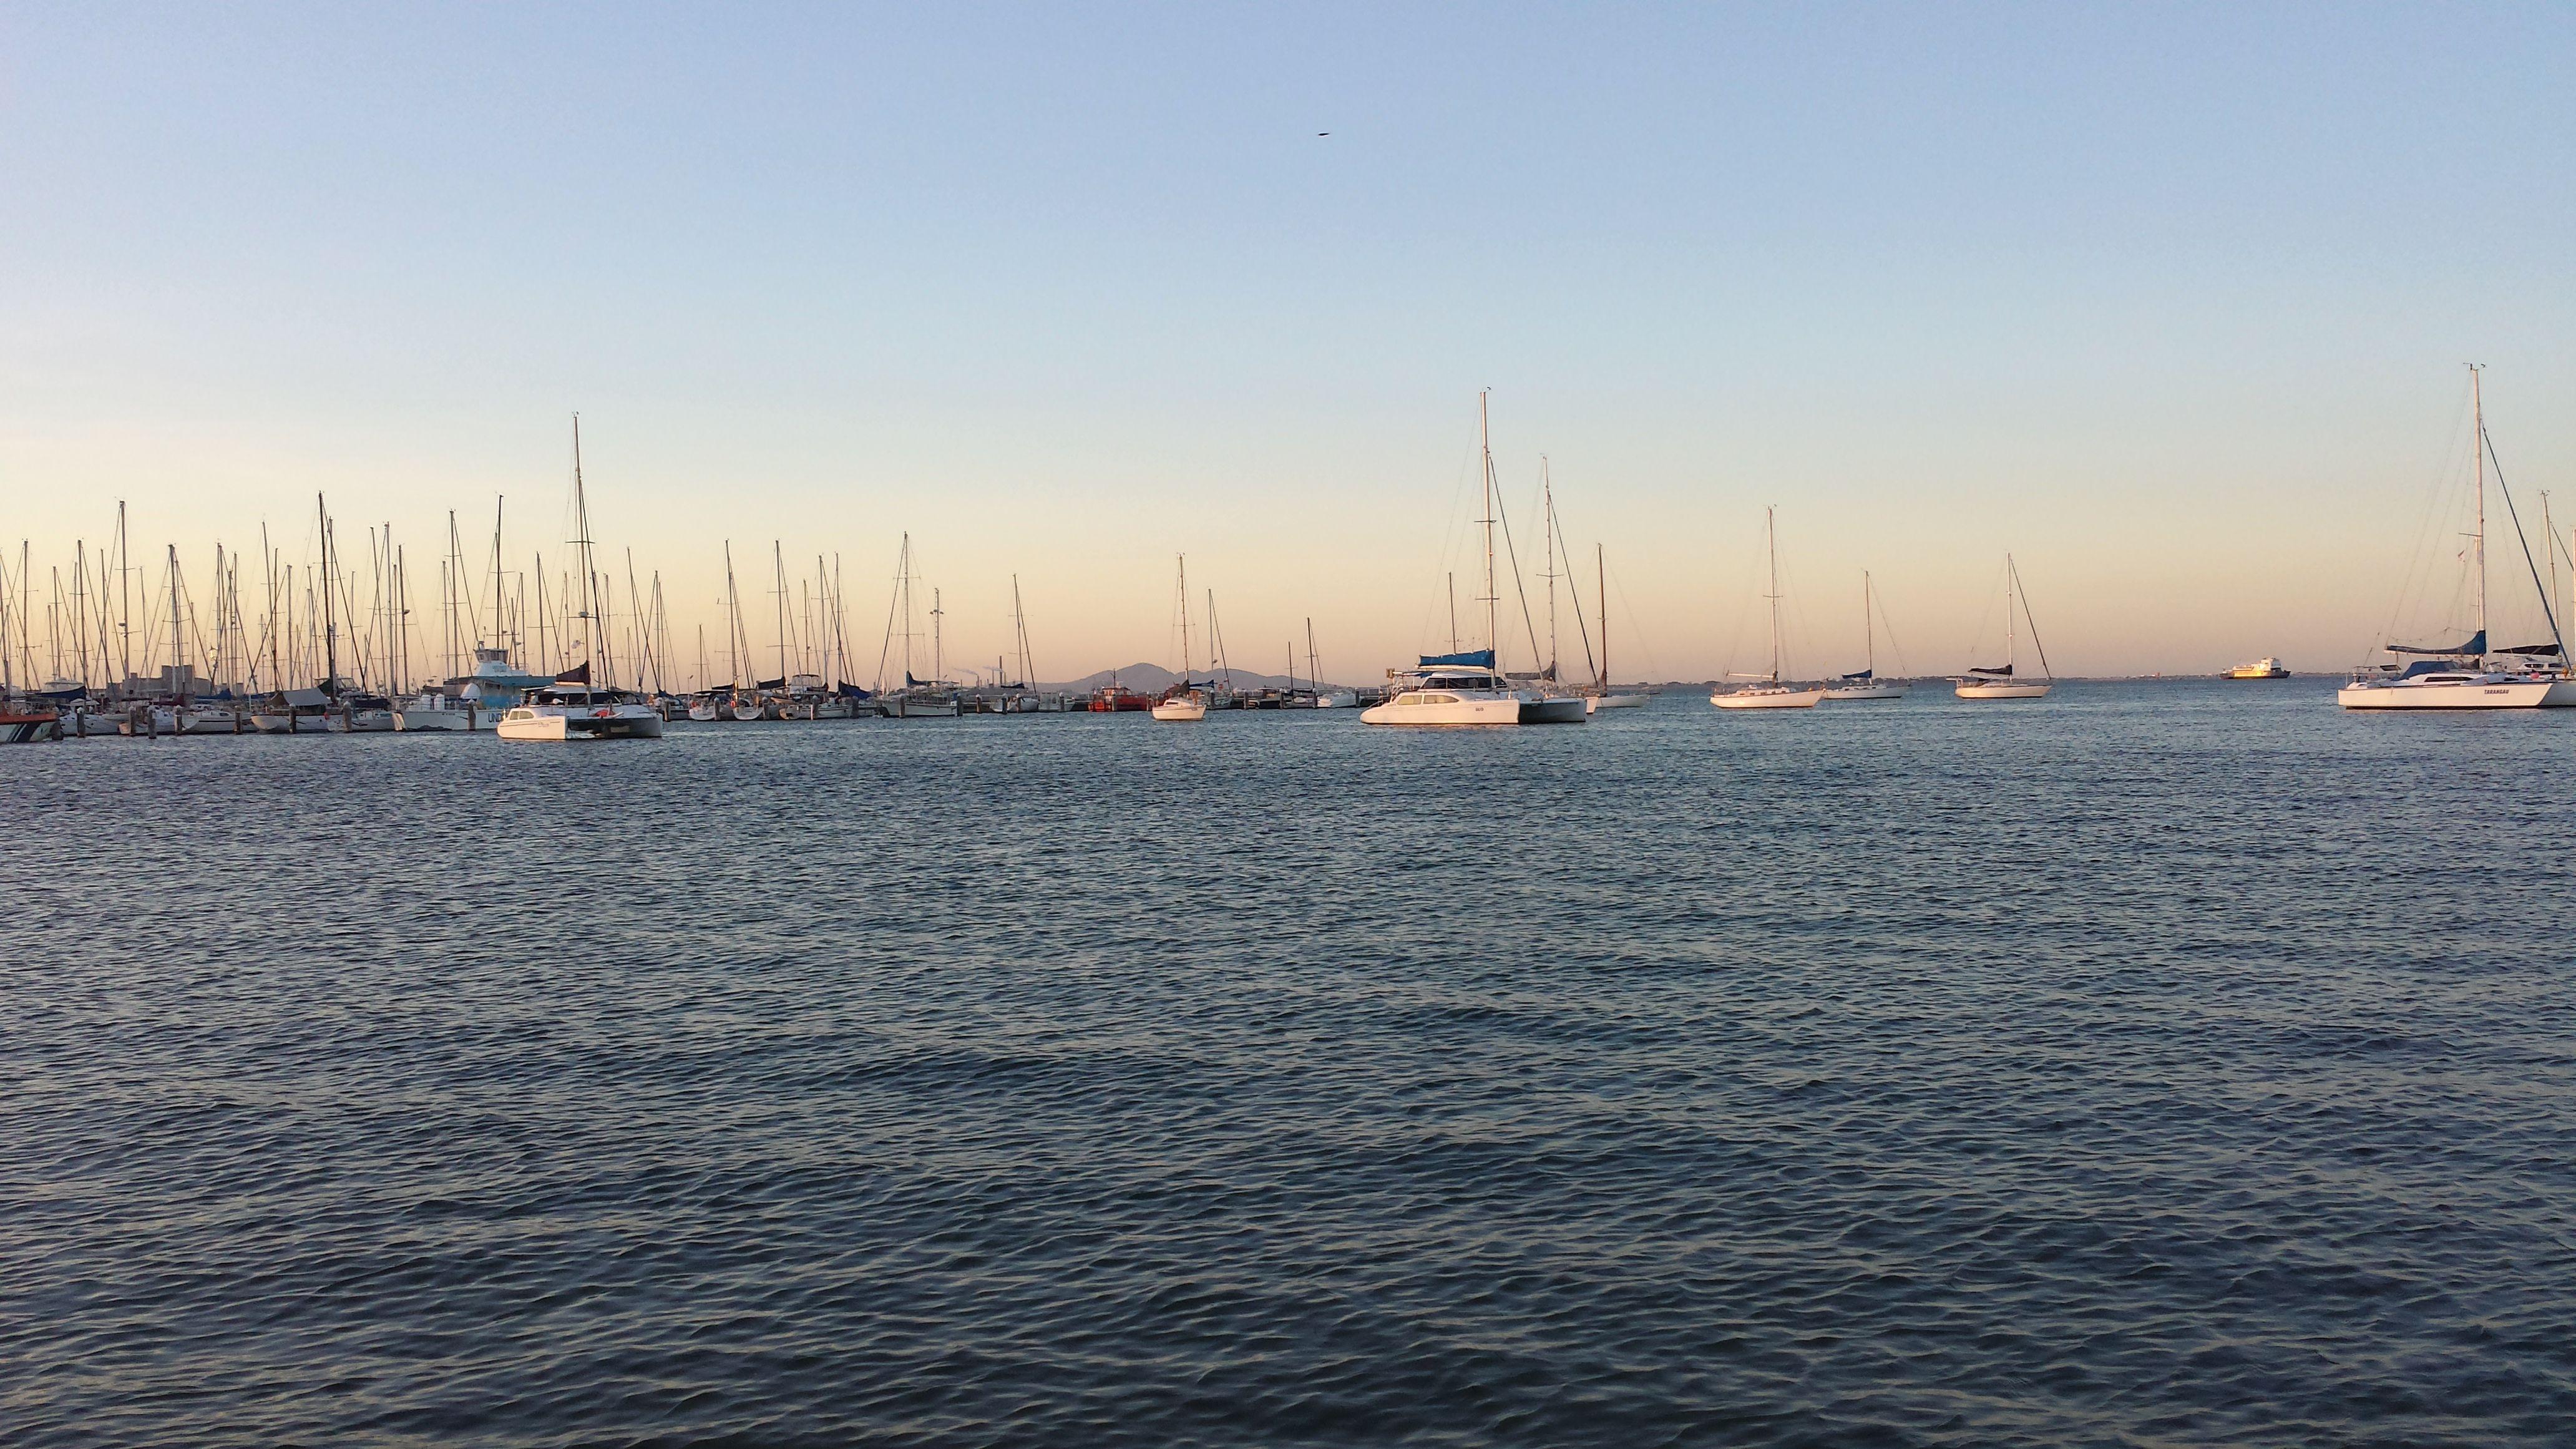 Corio Bay, Geelong. April 2016. Photo taken using a Samsung Galaxy S4. (c) Lucas Pardo.